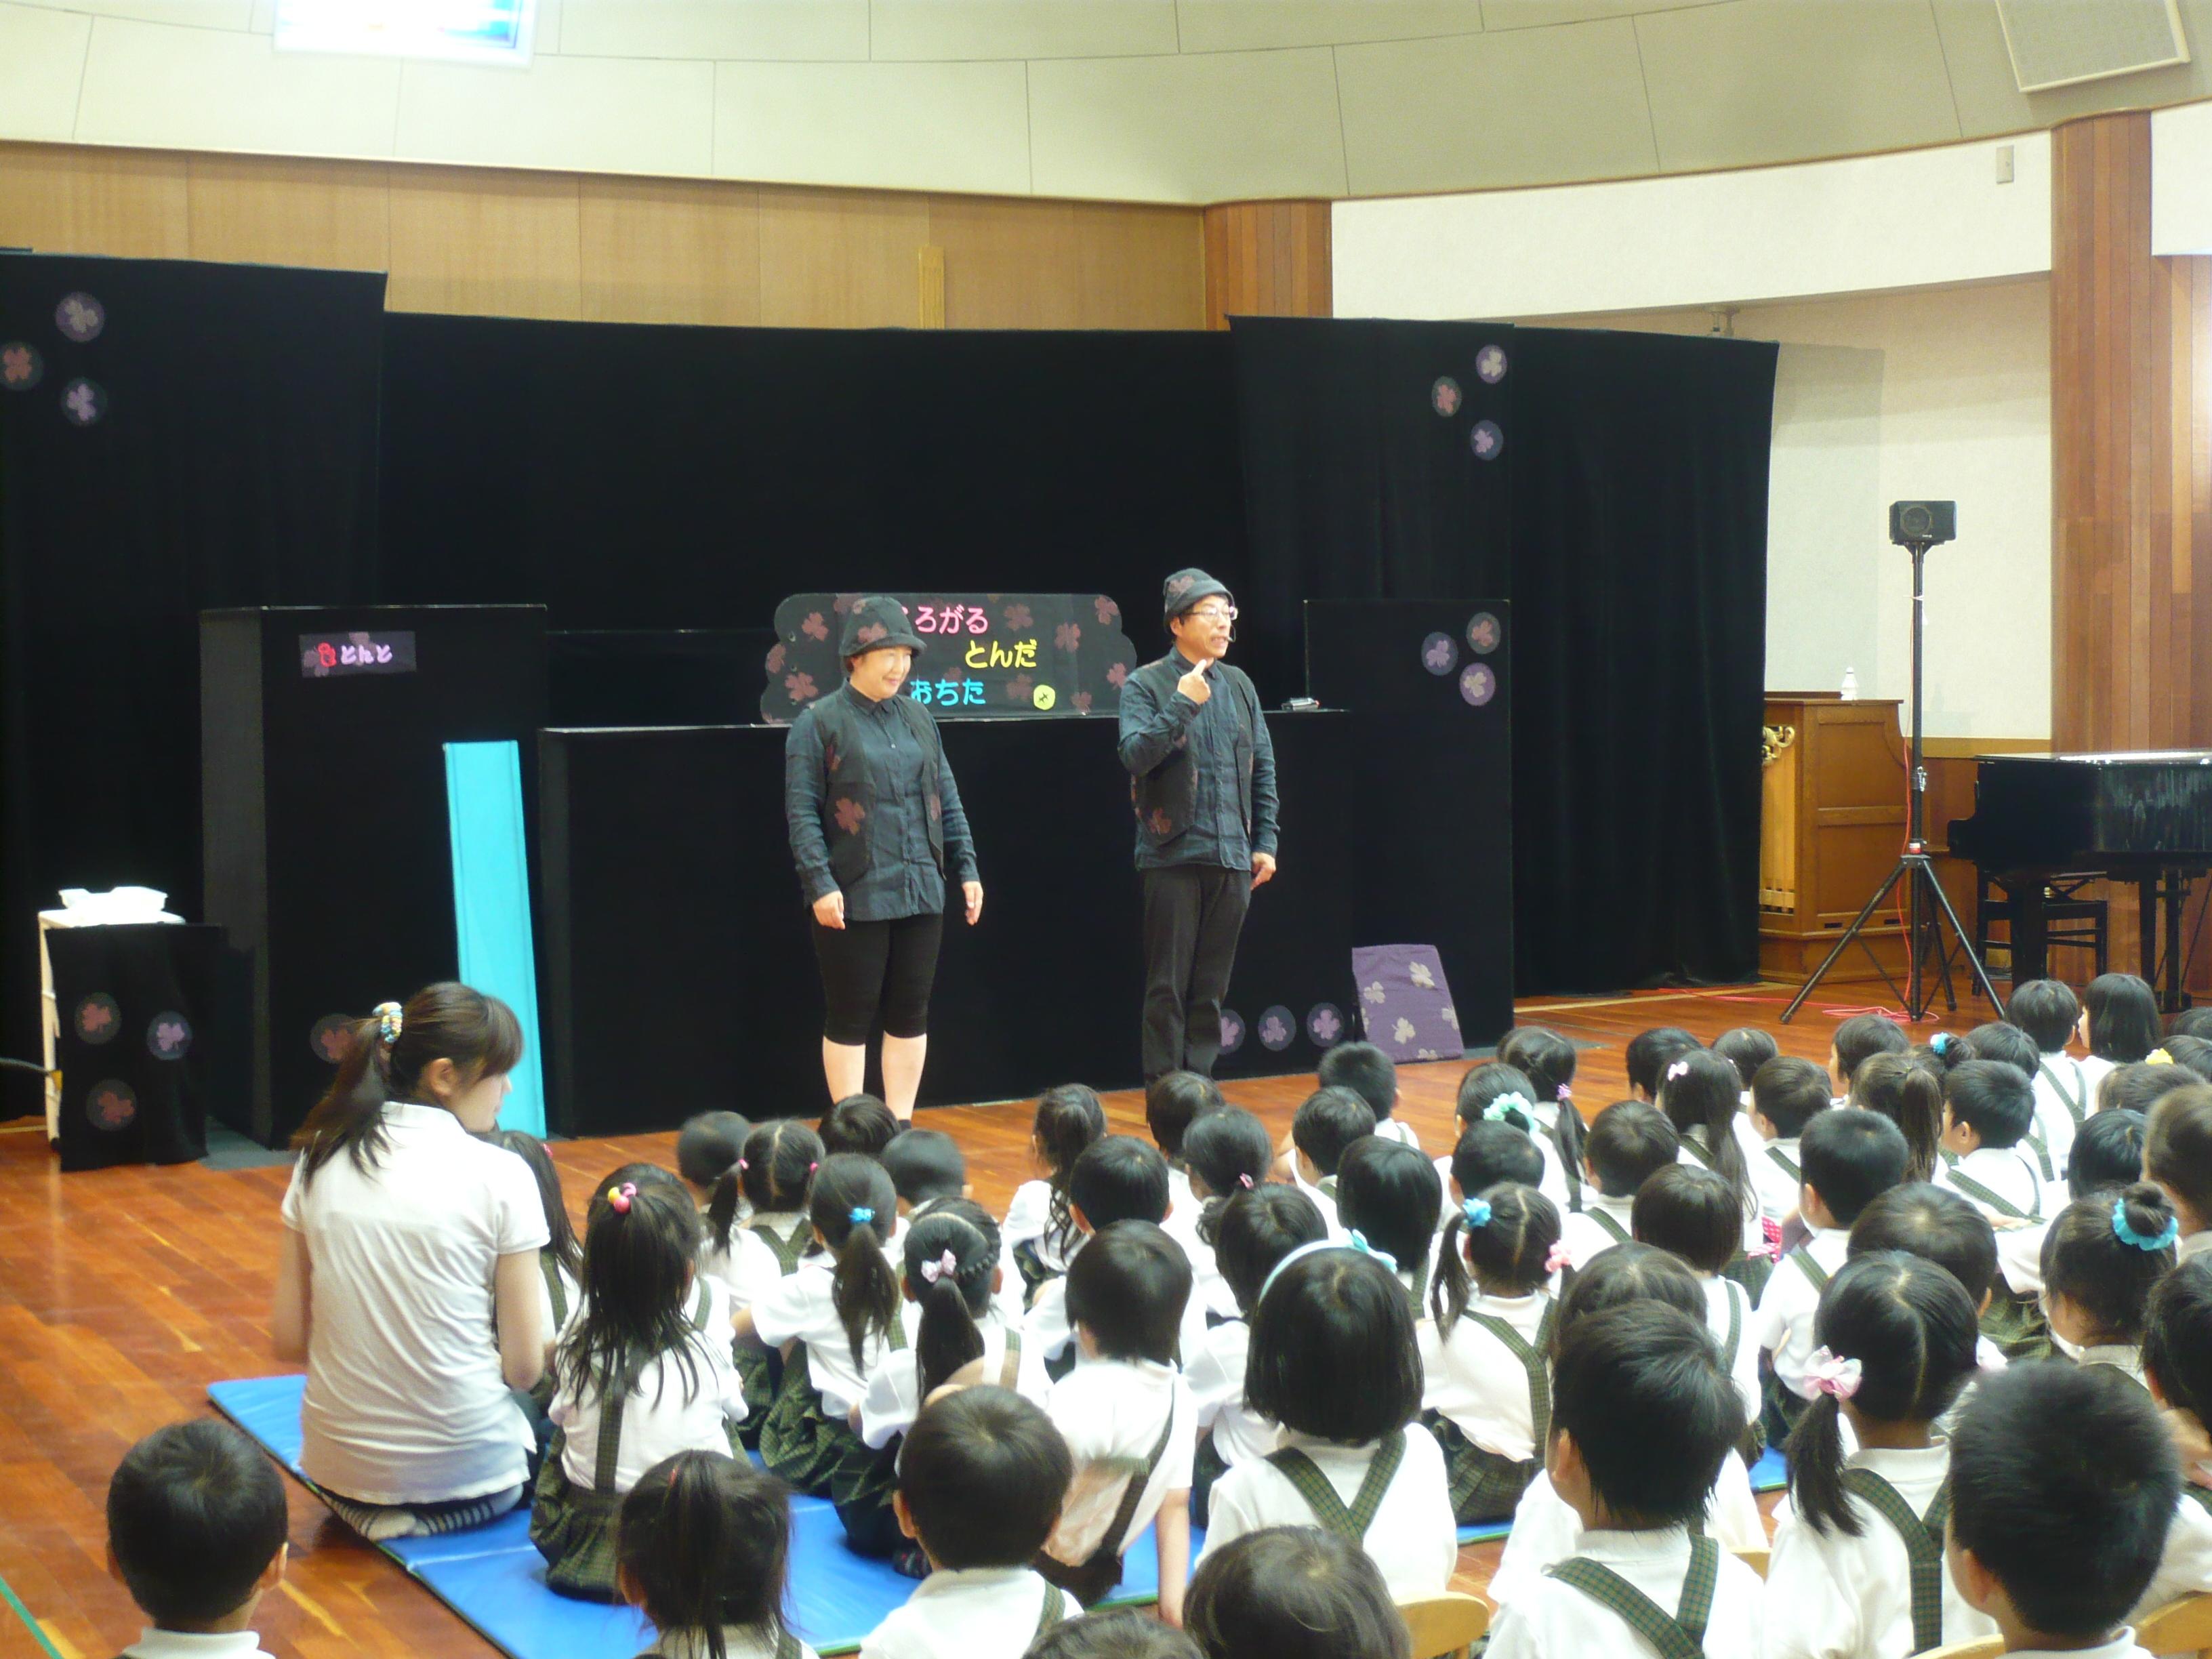 人形劇を観劇しました!